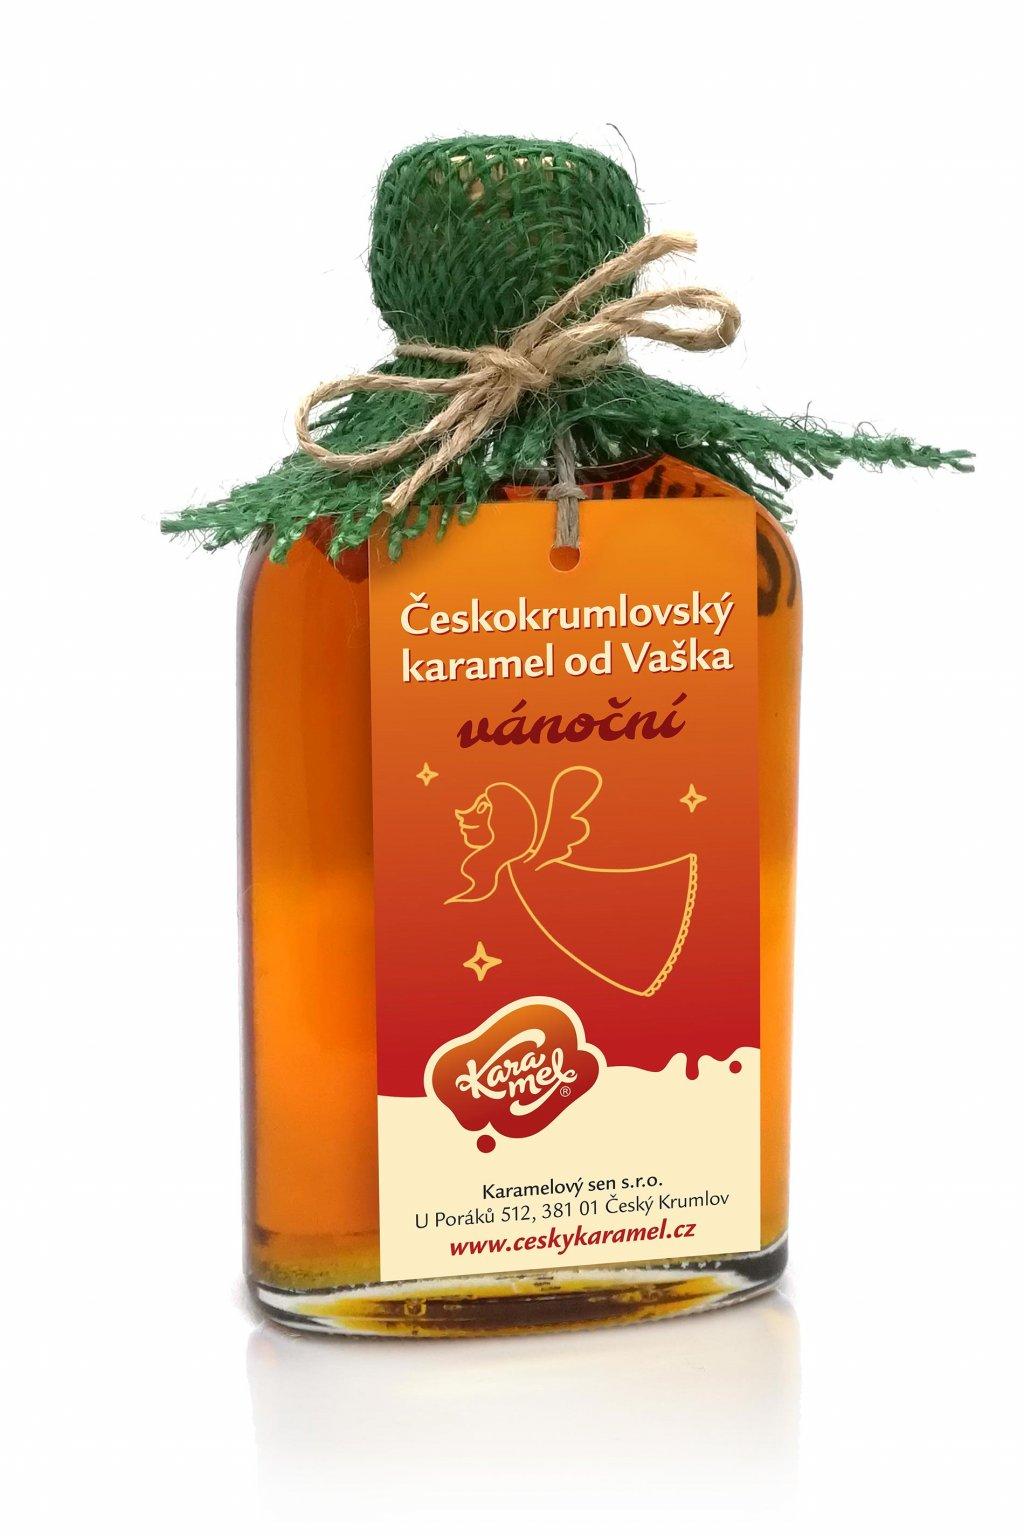 tekutý českokrumlovský karamel od vaška vánoční